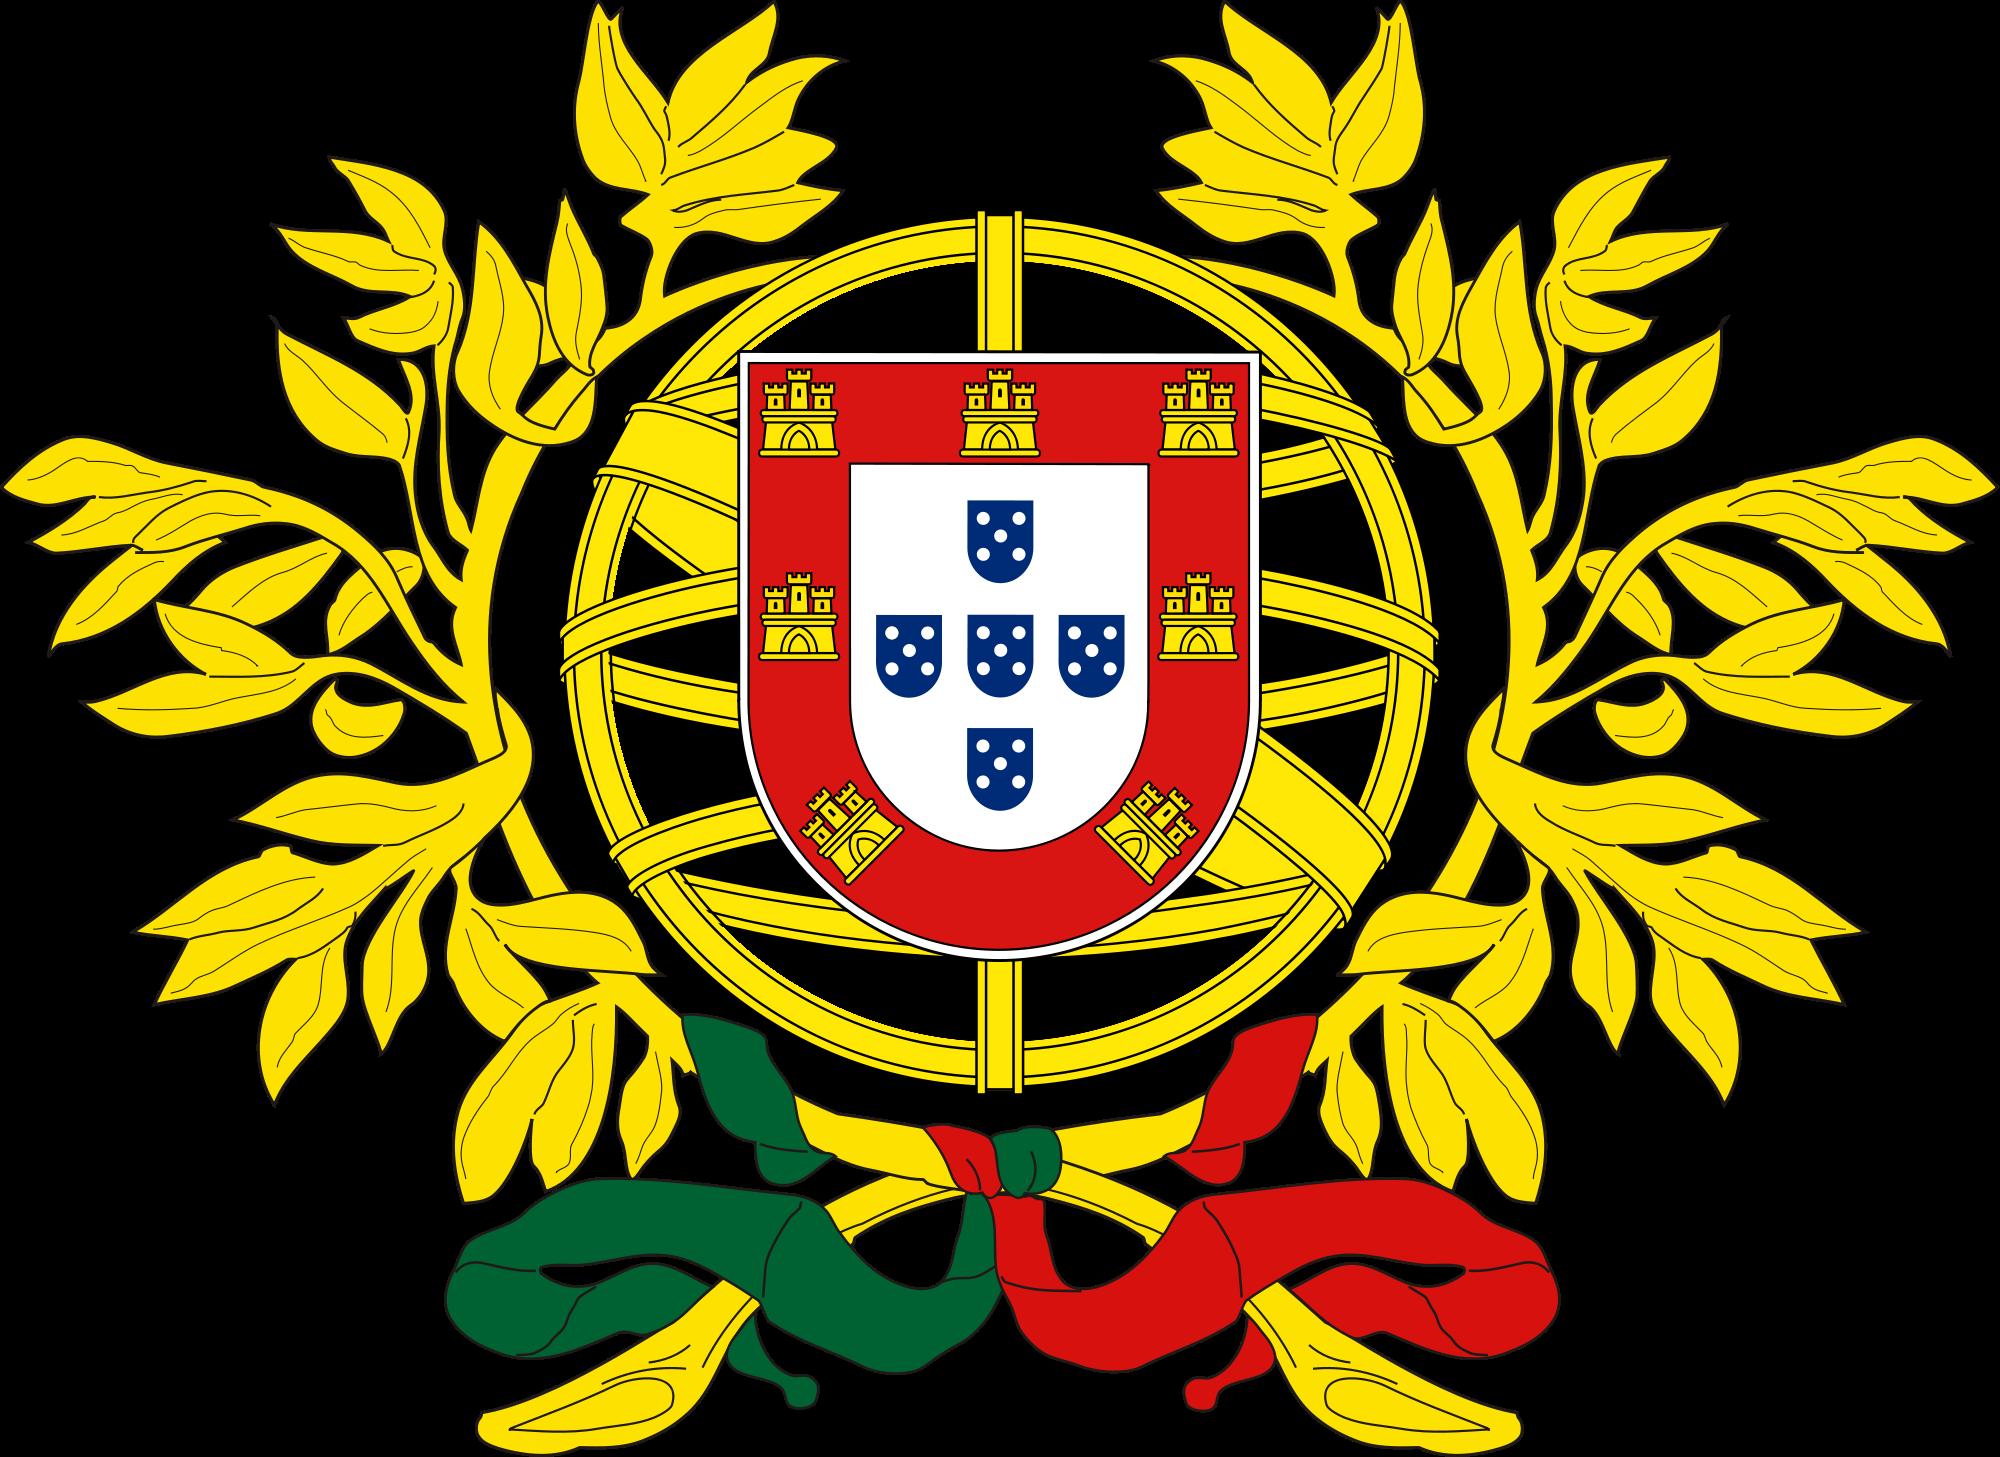 Portugalin vaakuna